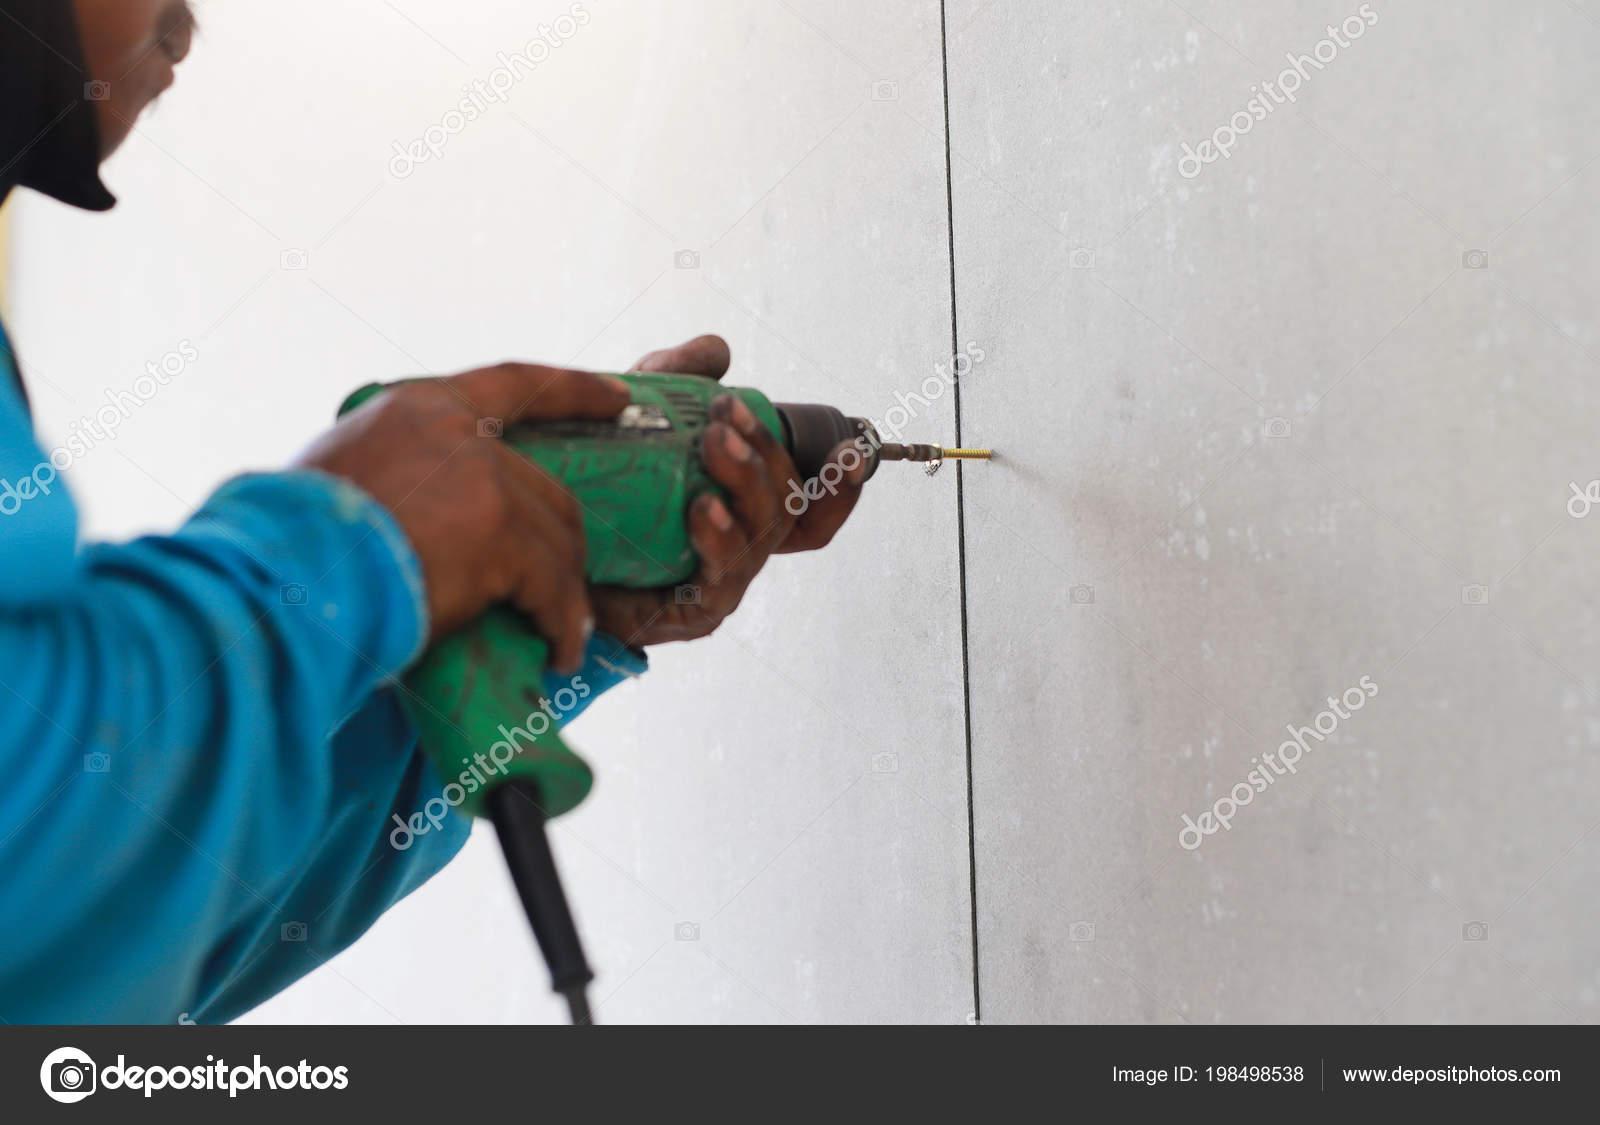 Eine Bohrmaschine Ist Loch Wand Fliesen Machen Stockfoto - Löcher in fliesen zu machen